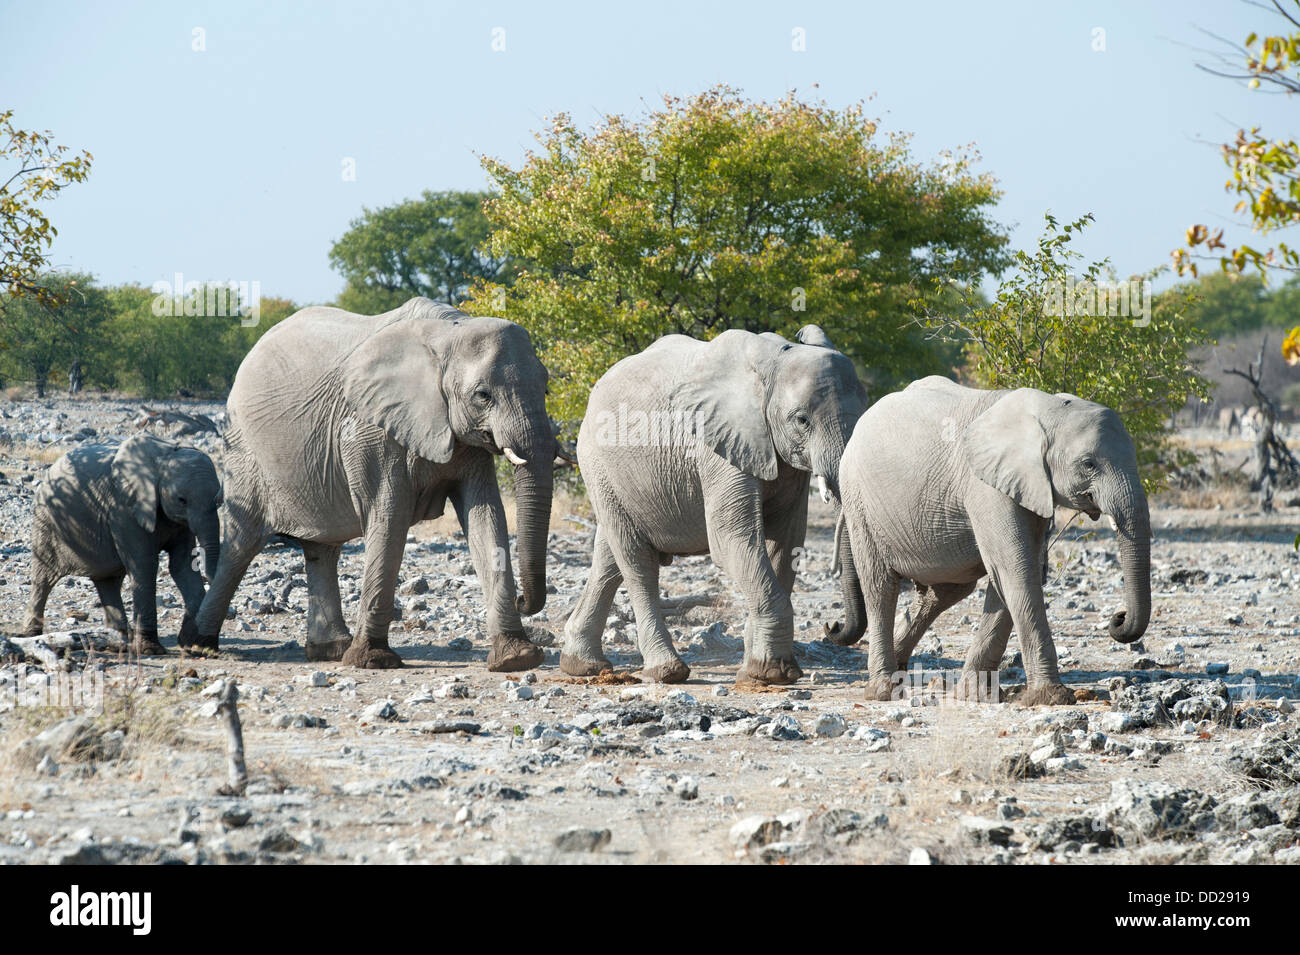 Elephant group (Loxodonta africana) walking in single file to a waterhole, Etosha Nationalpark, Namibia - Stock Image